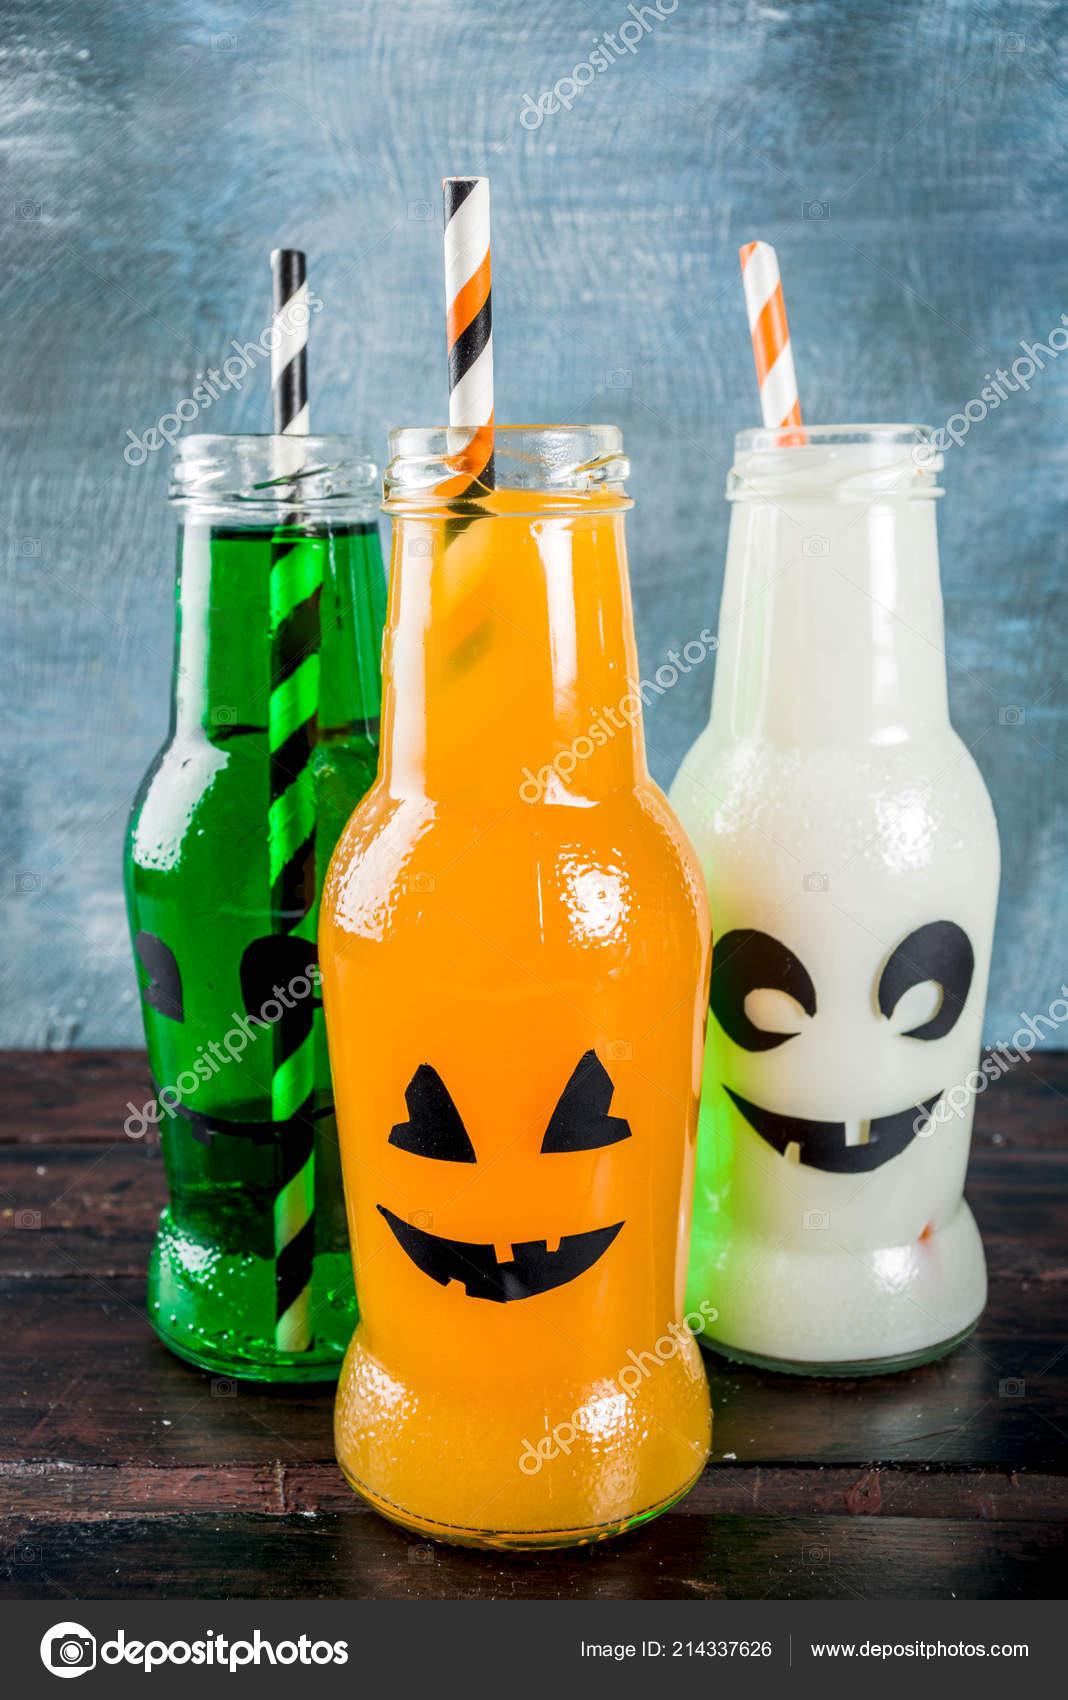 Best Halloween Drinks  Party Drinks Halloween Three Milk Juice Monster Bottle